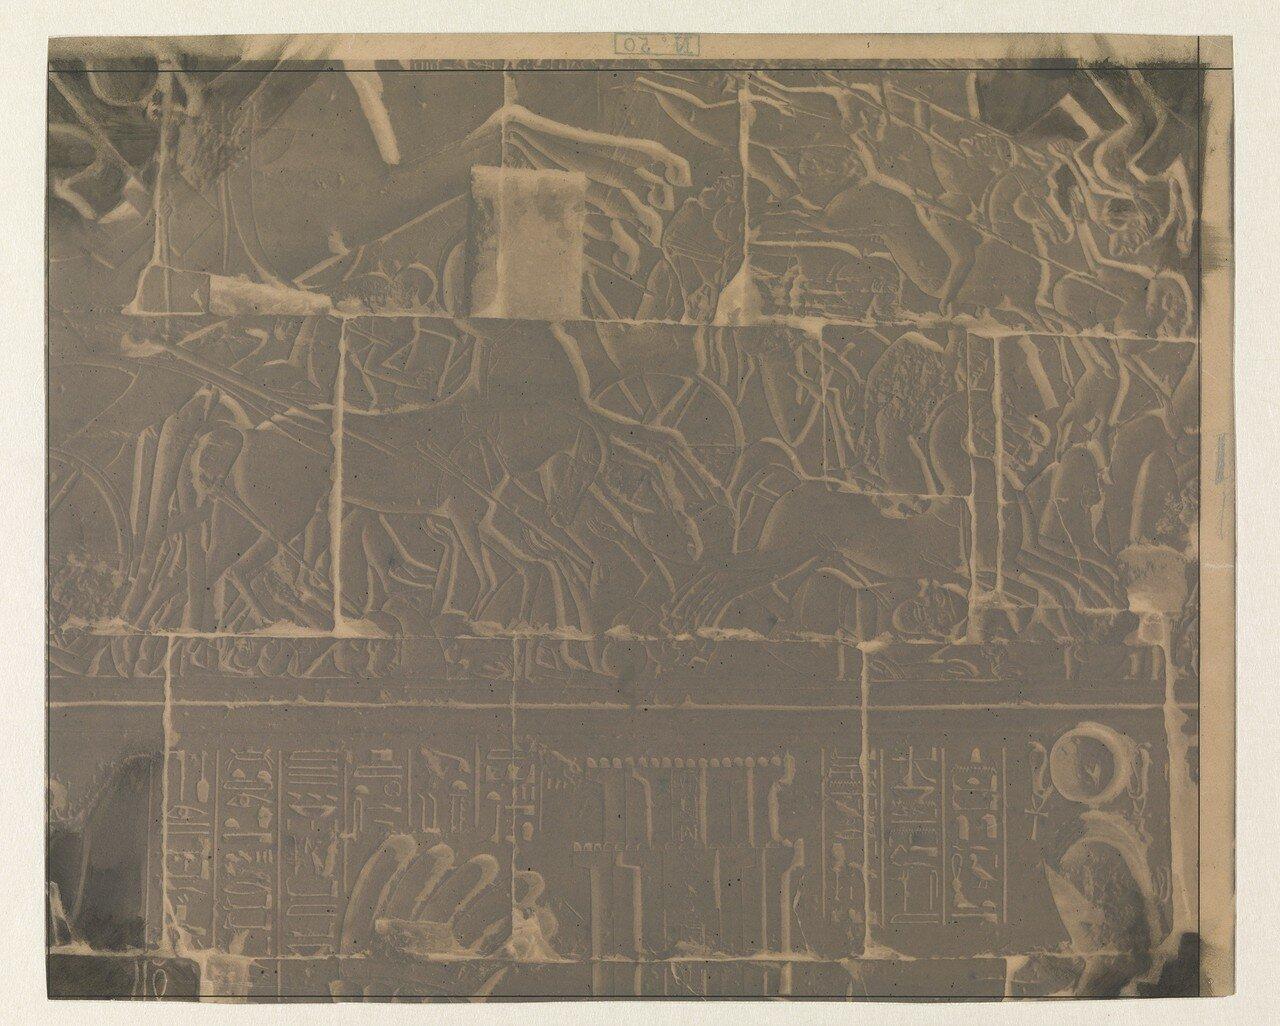 Стена храма и иероглифы,1851